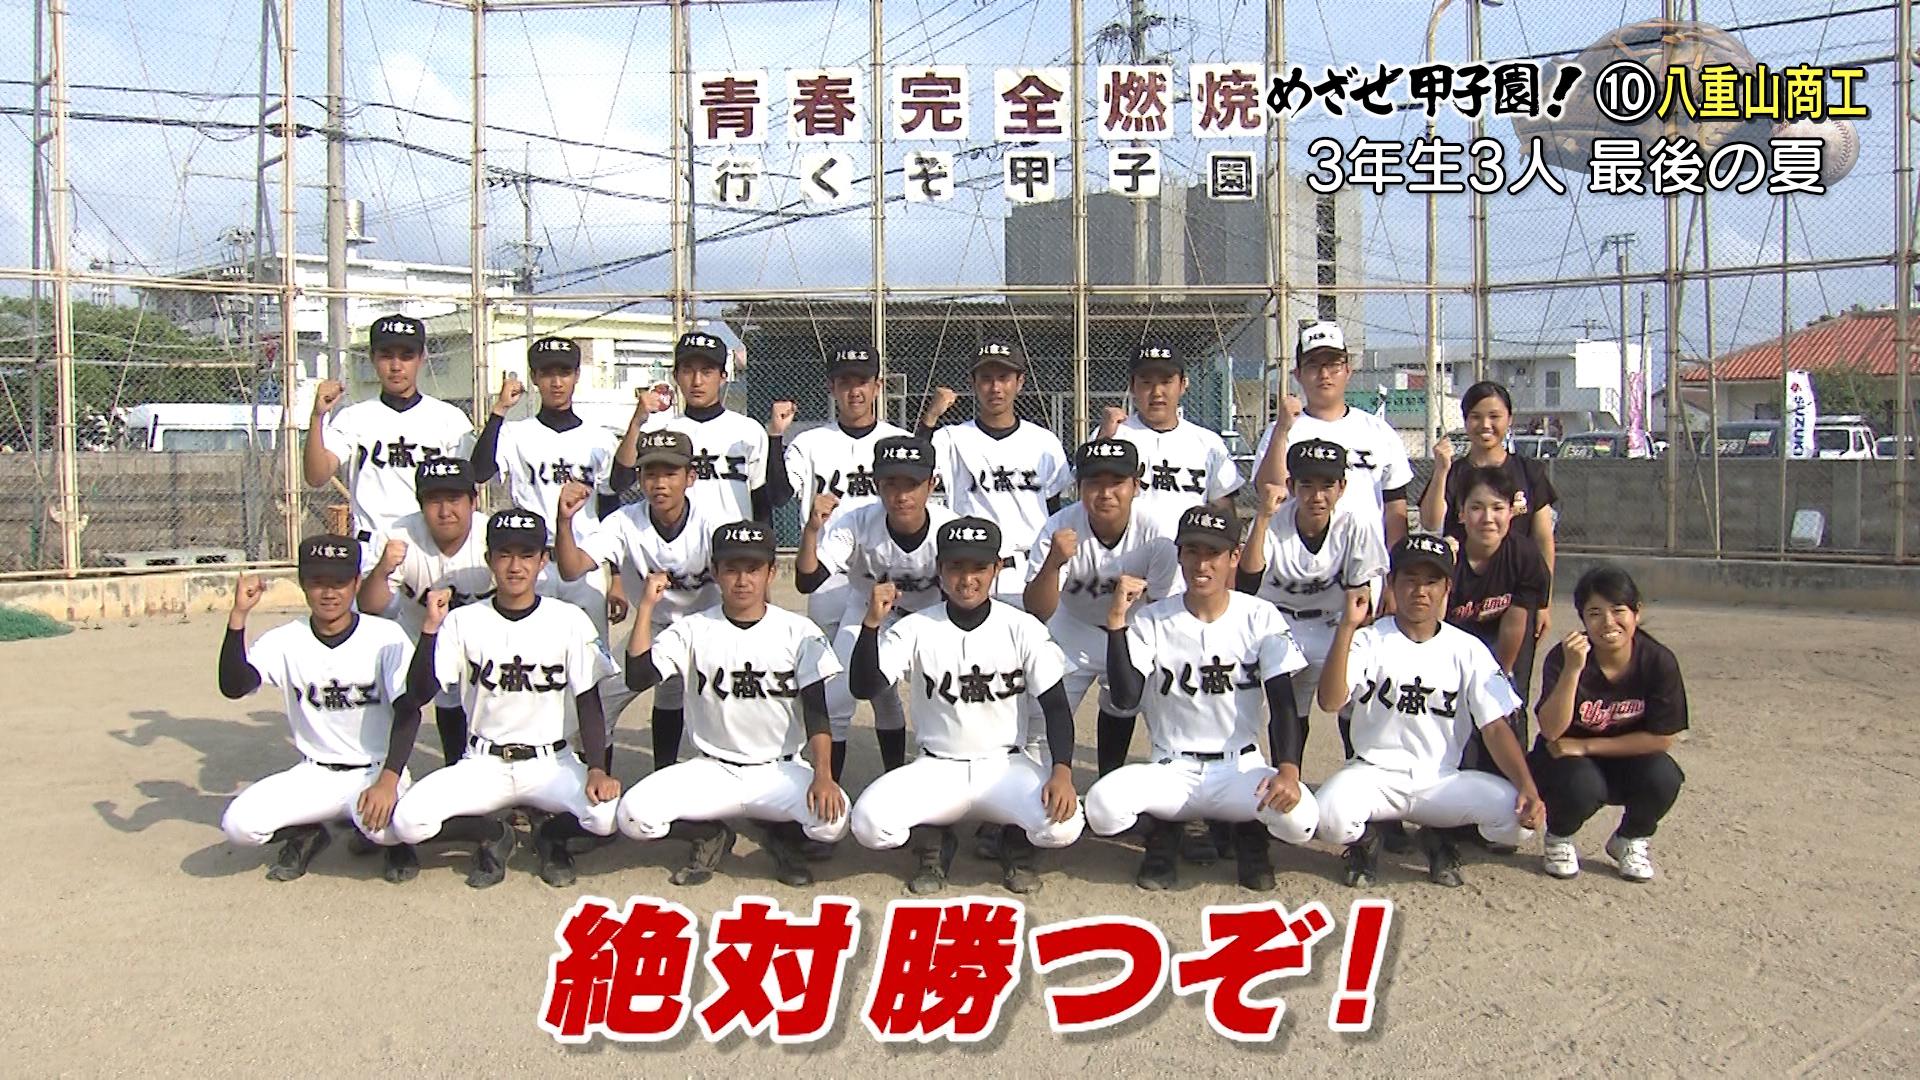 めざせ甲子園!(10) 八重山商工